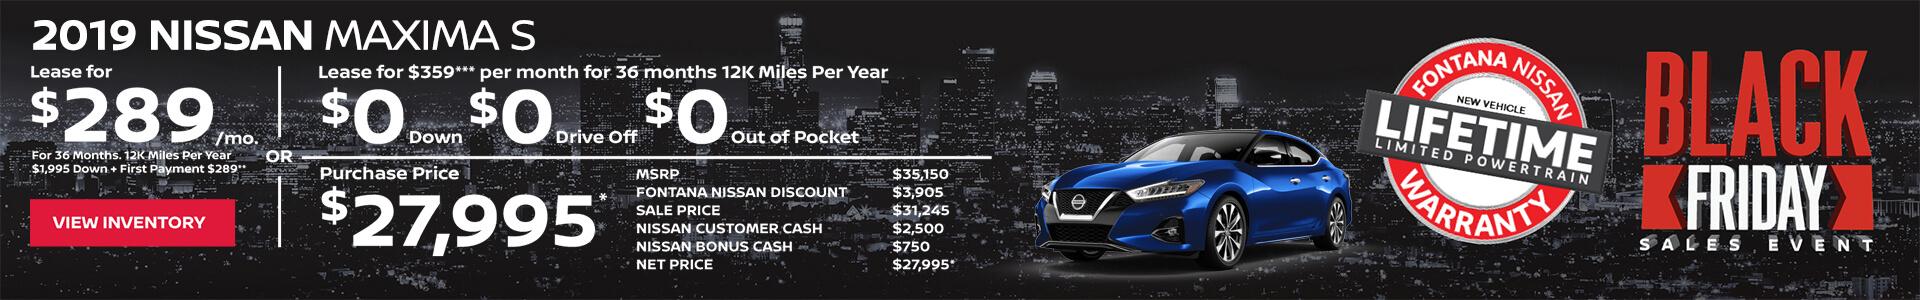 Nissan Maxima $289 Lease